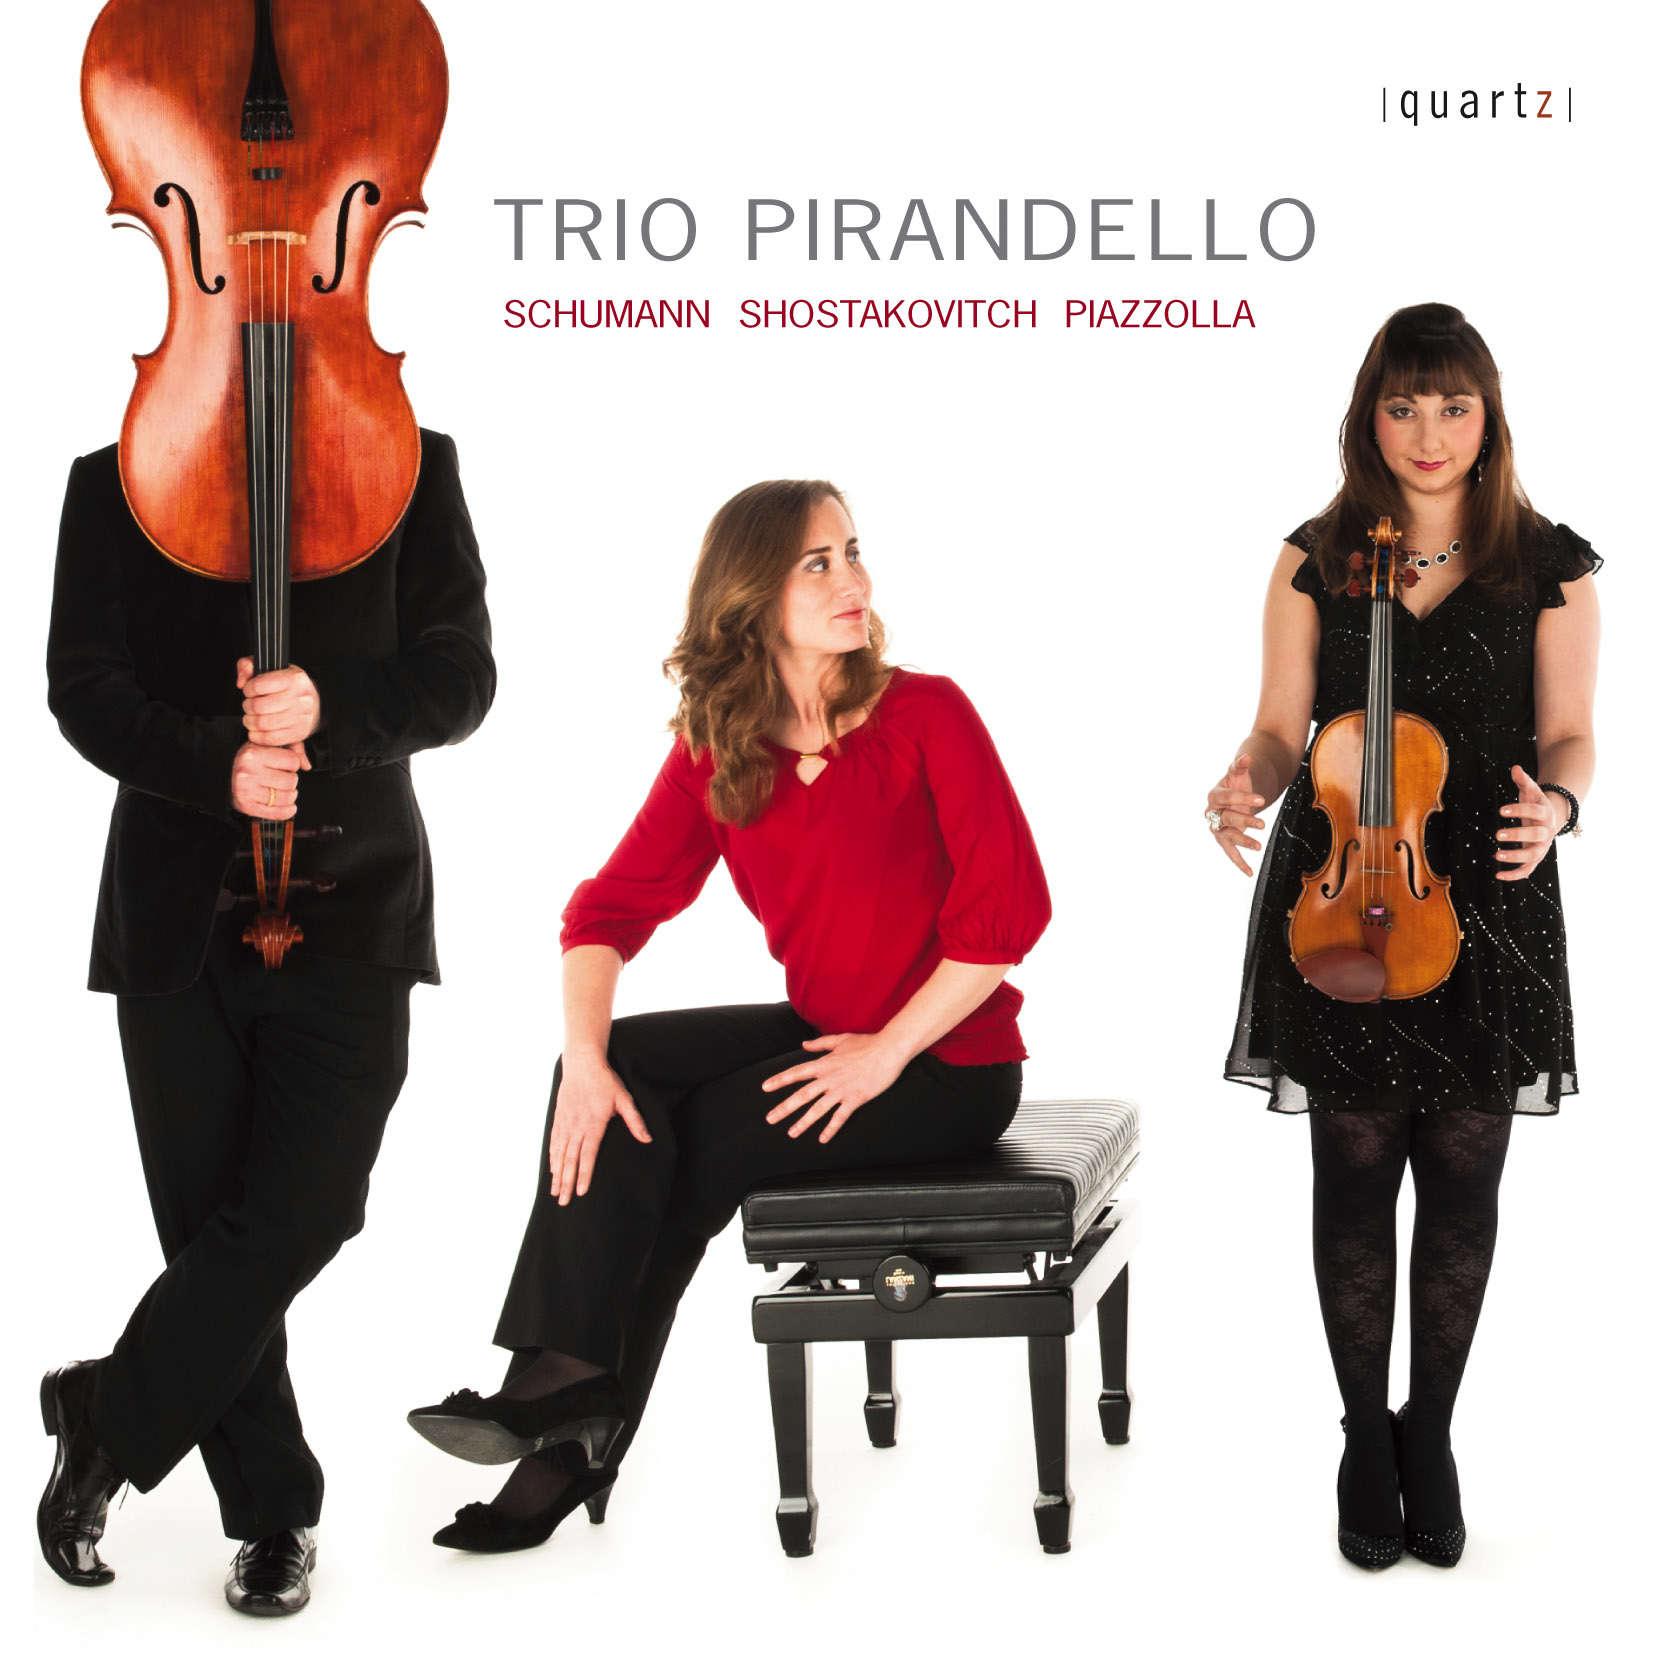 Trio Pirandello